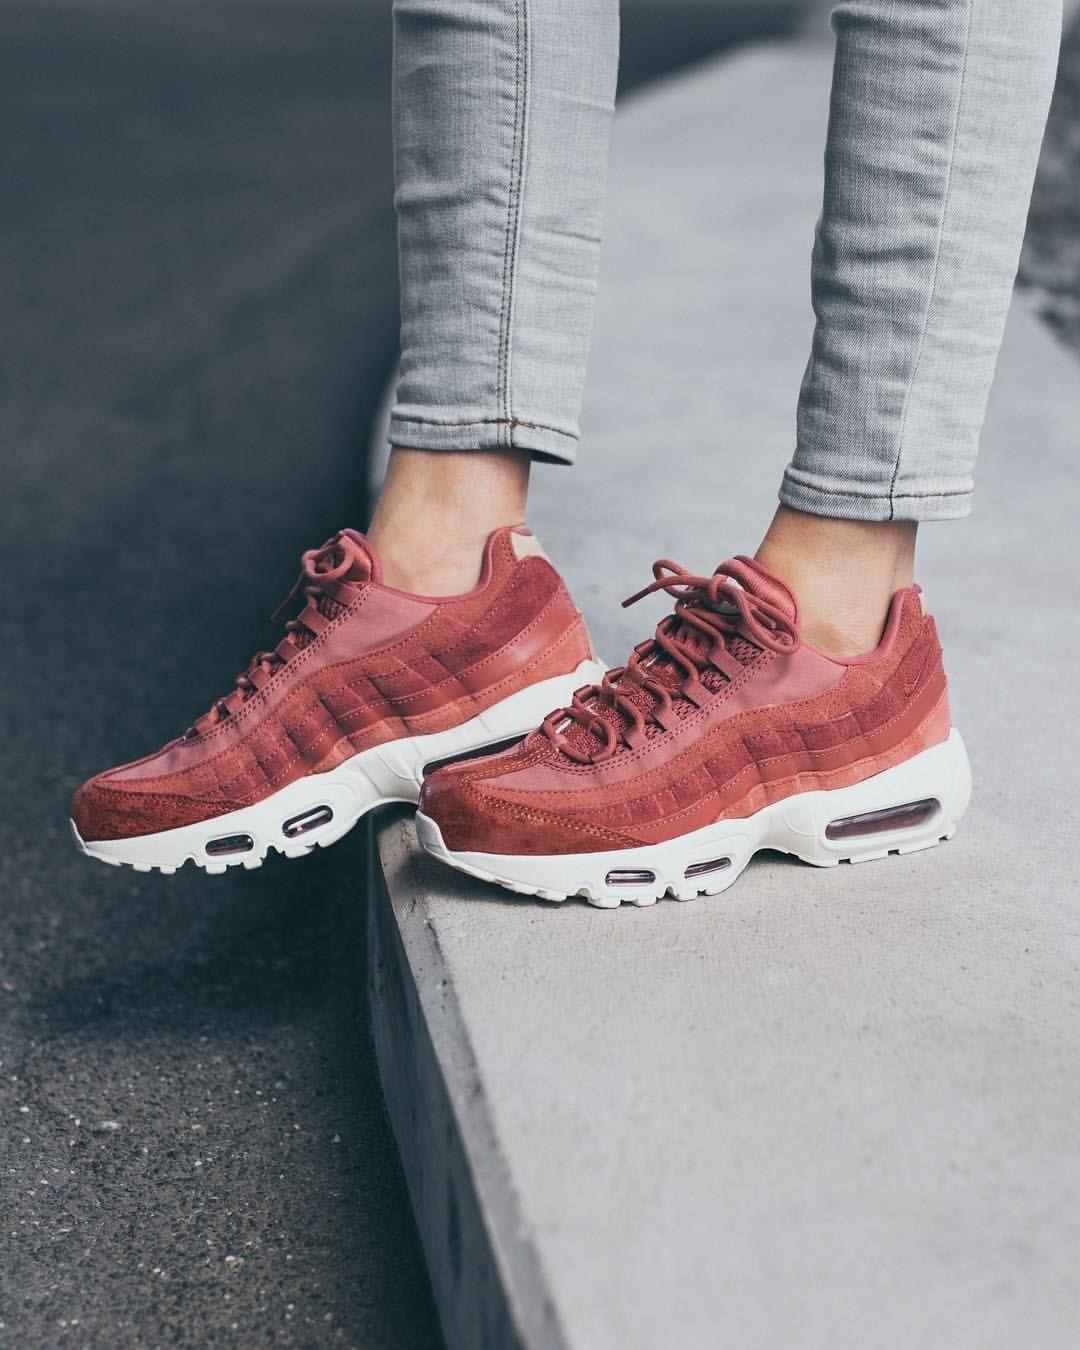 Women Shoes$29 on | Air max 95 red, Nike air max, Cheap nike